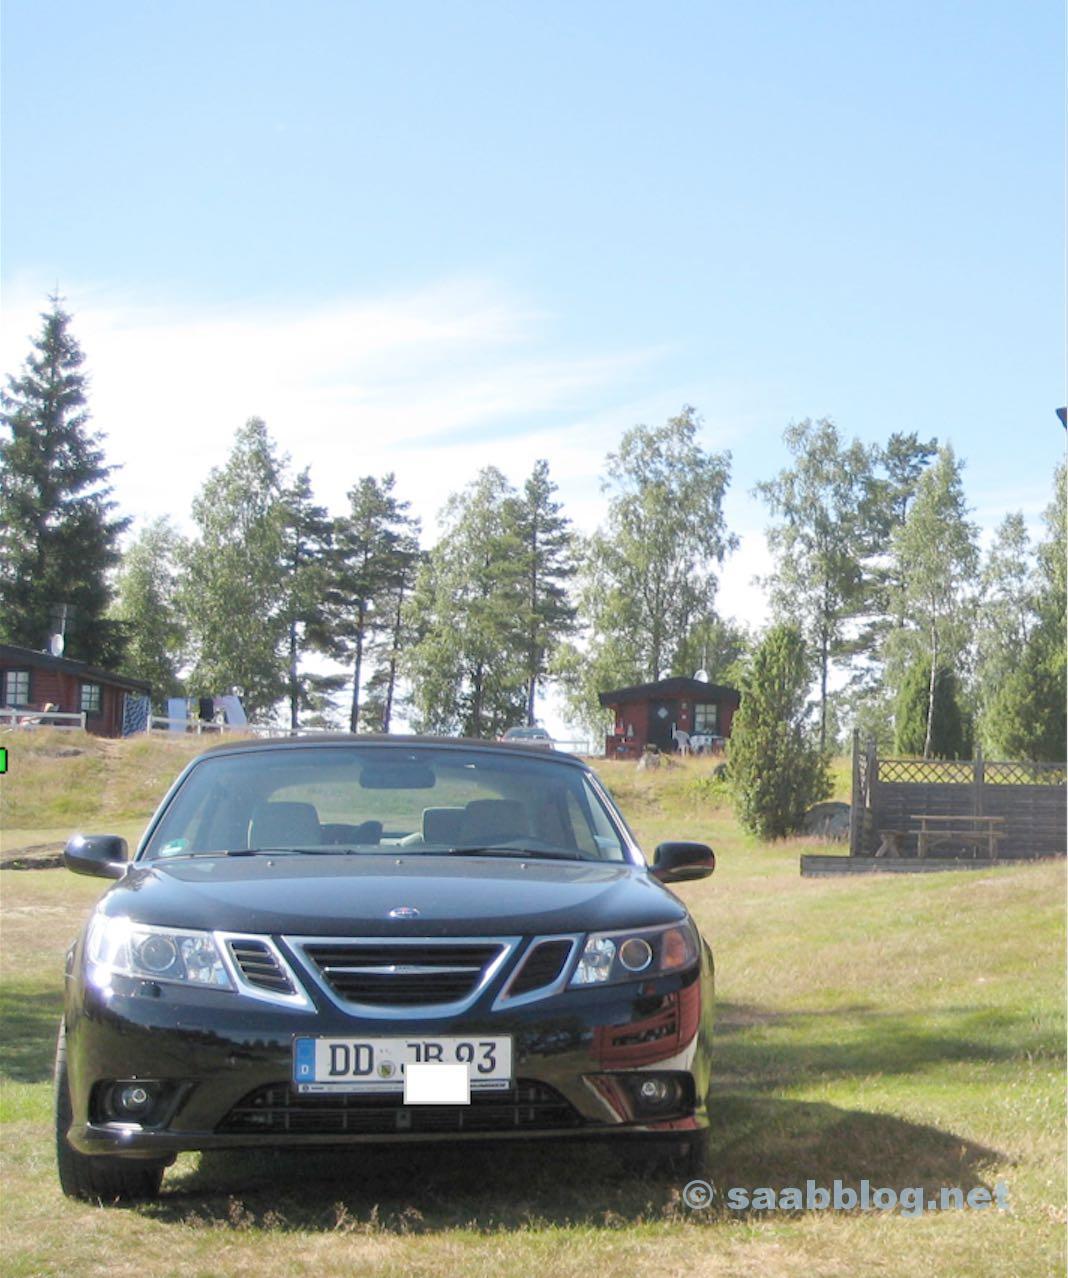 Saab 9-3 Cabriolet de Jörg